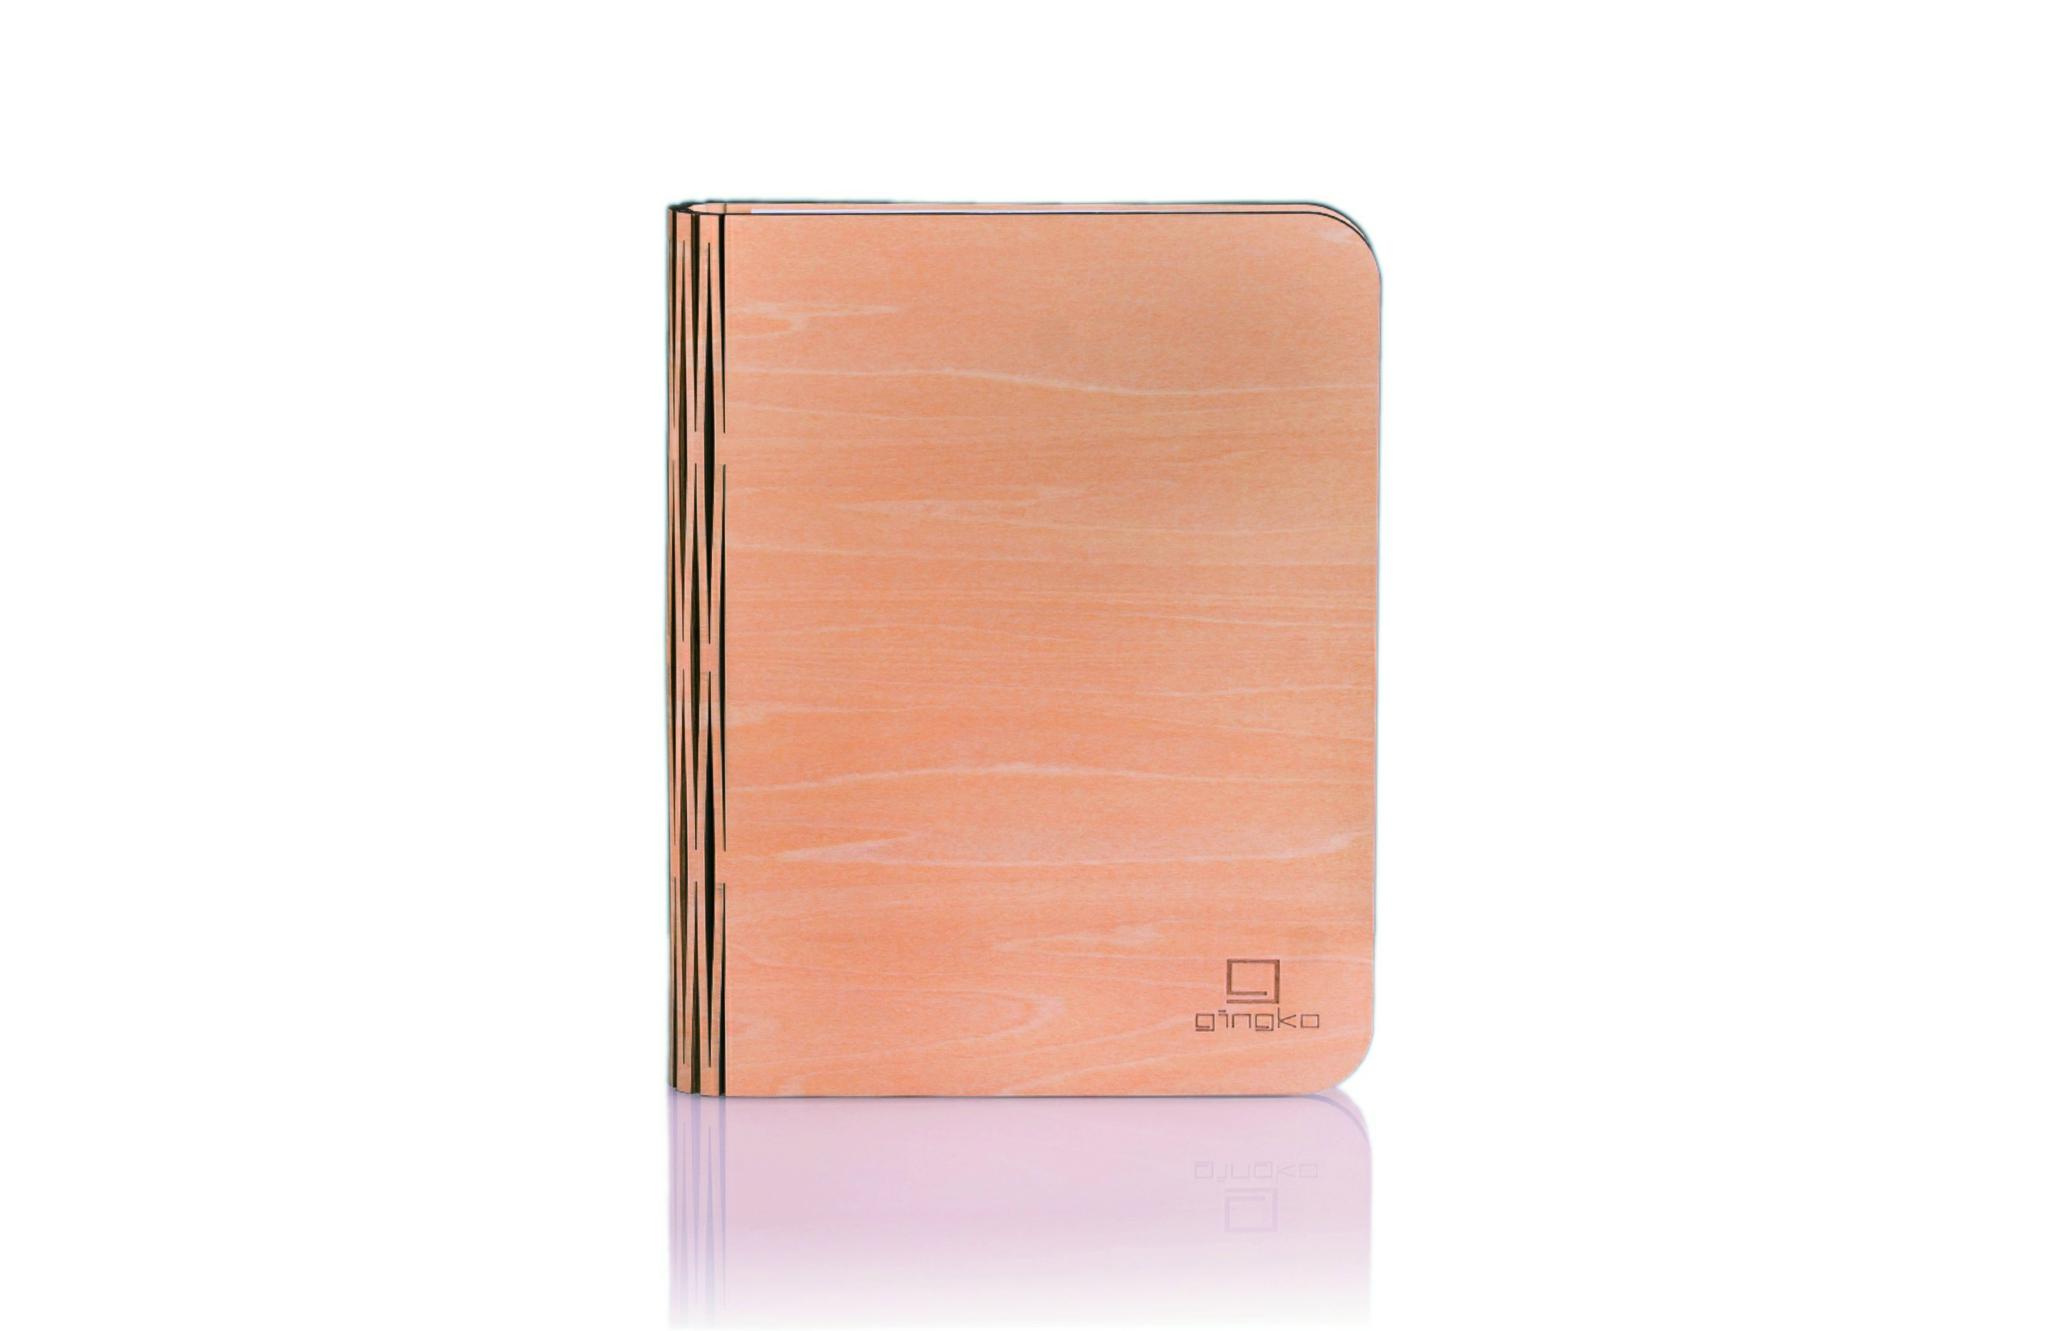 Wood maple gross, inkl. USB Ladekabel, warmes lich